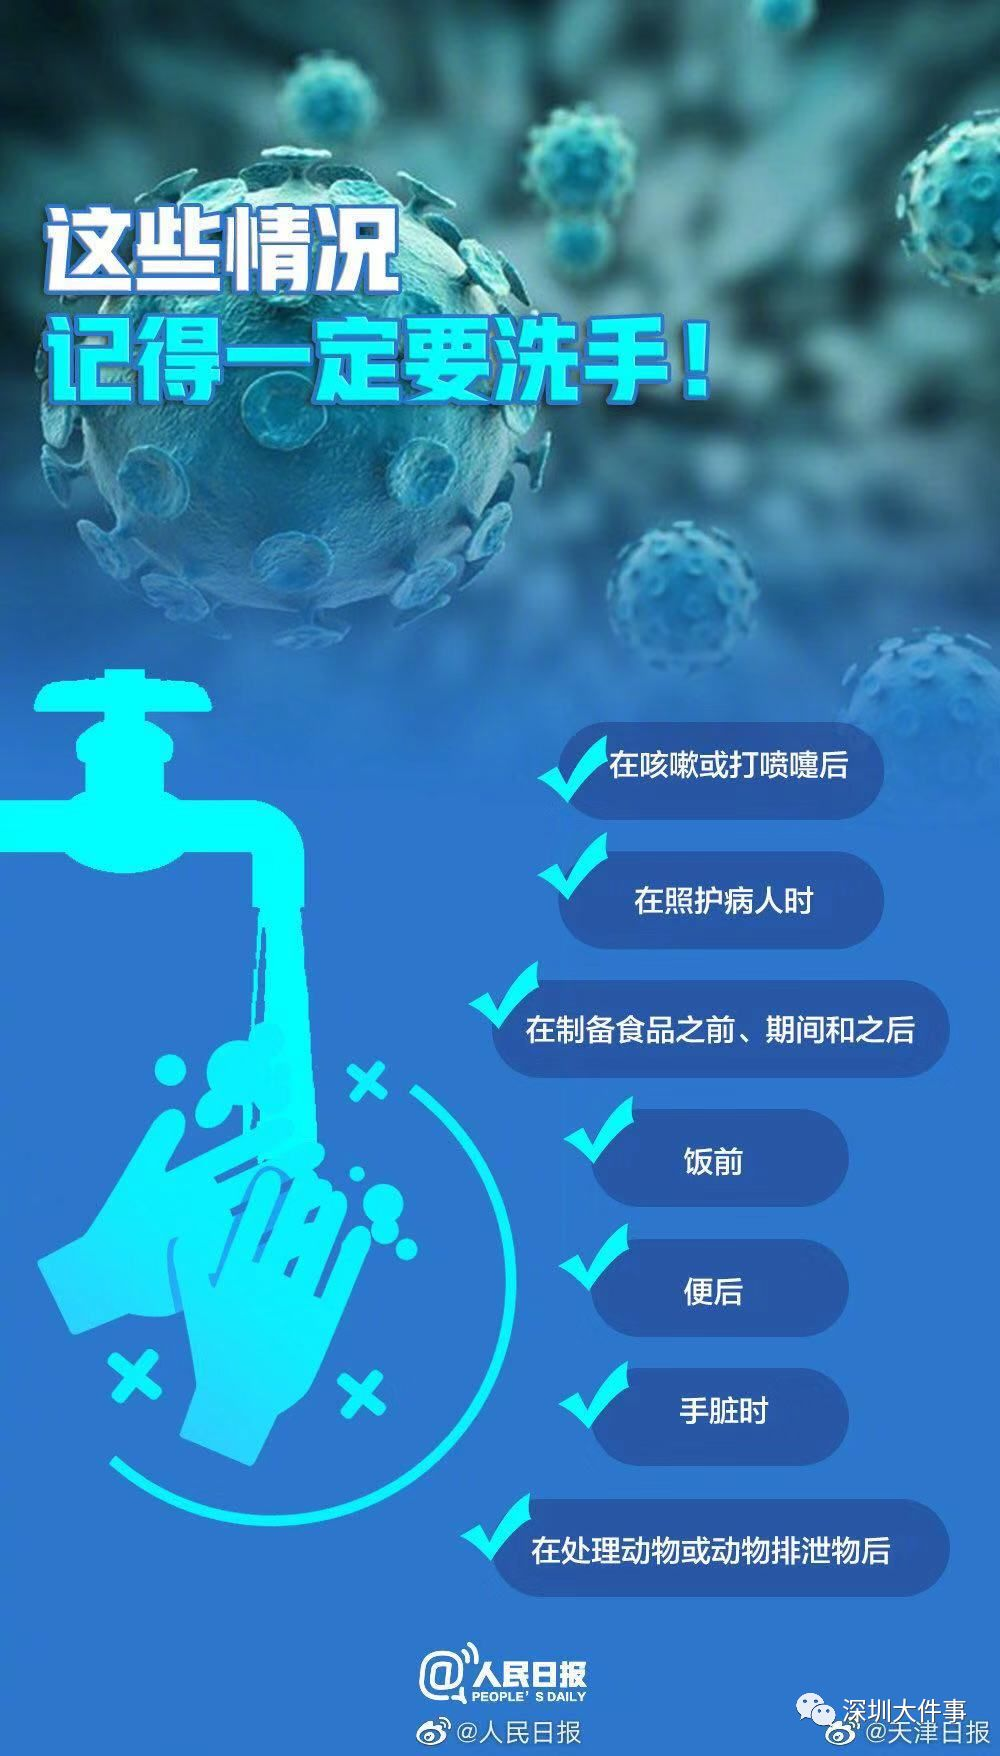 钟南山:新型肺炎肯定有人传人现象,戴口罩有用插图20